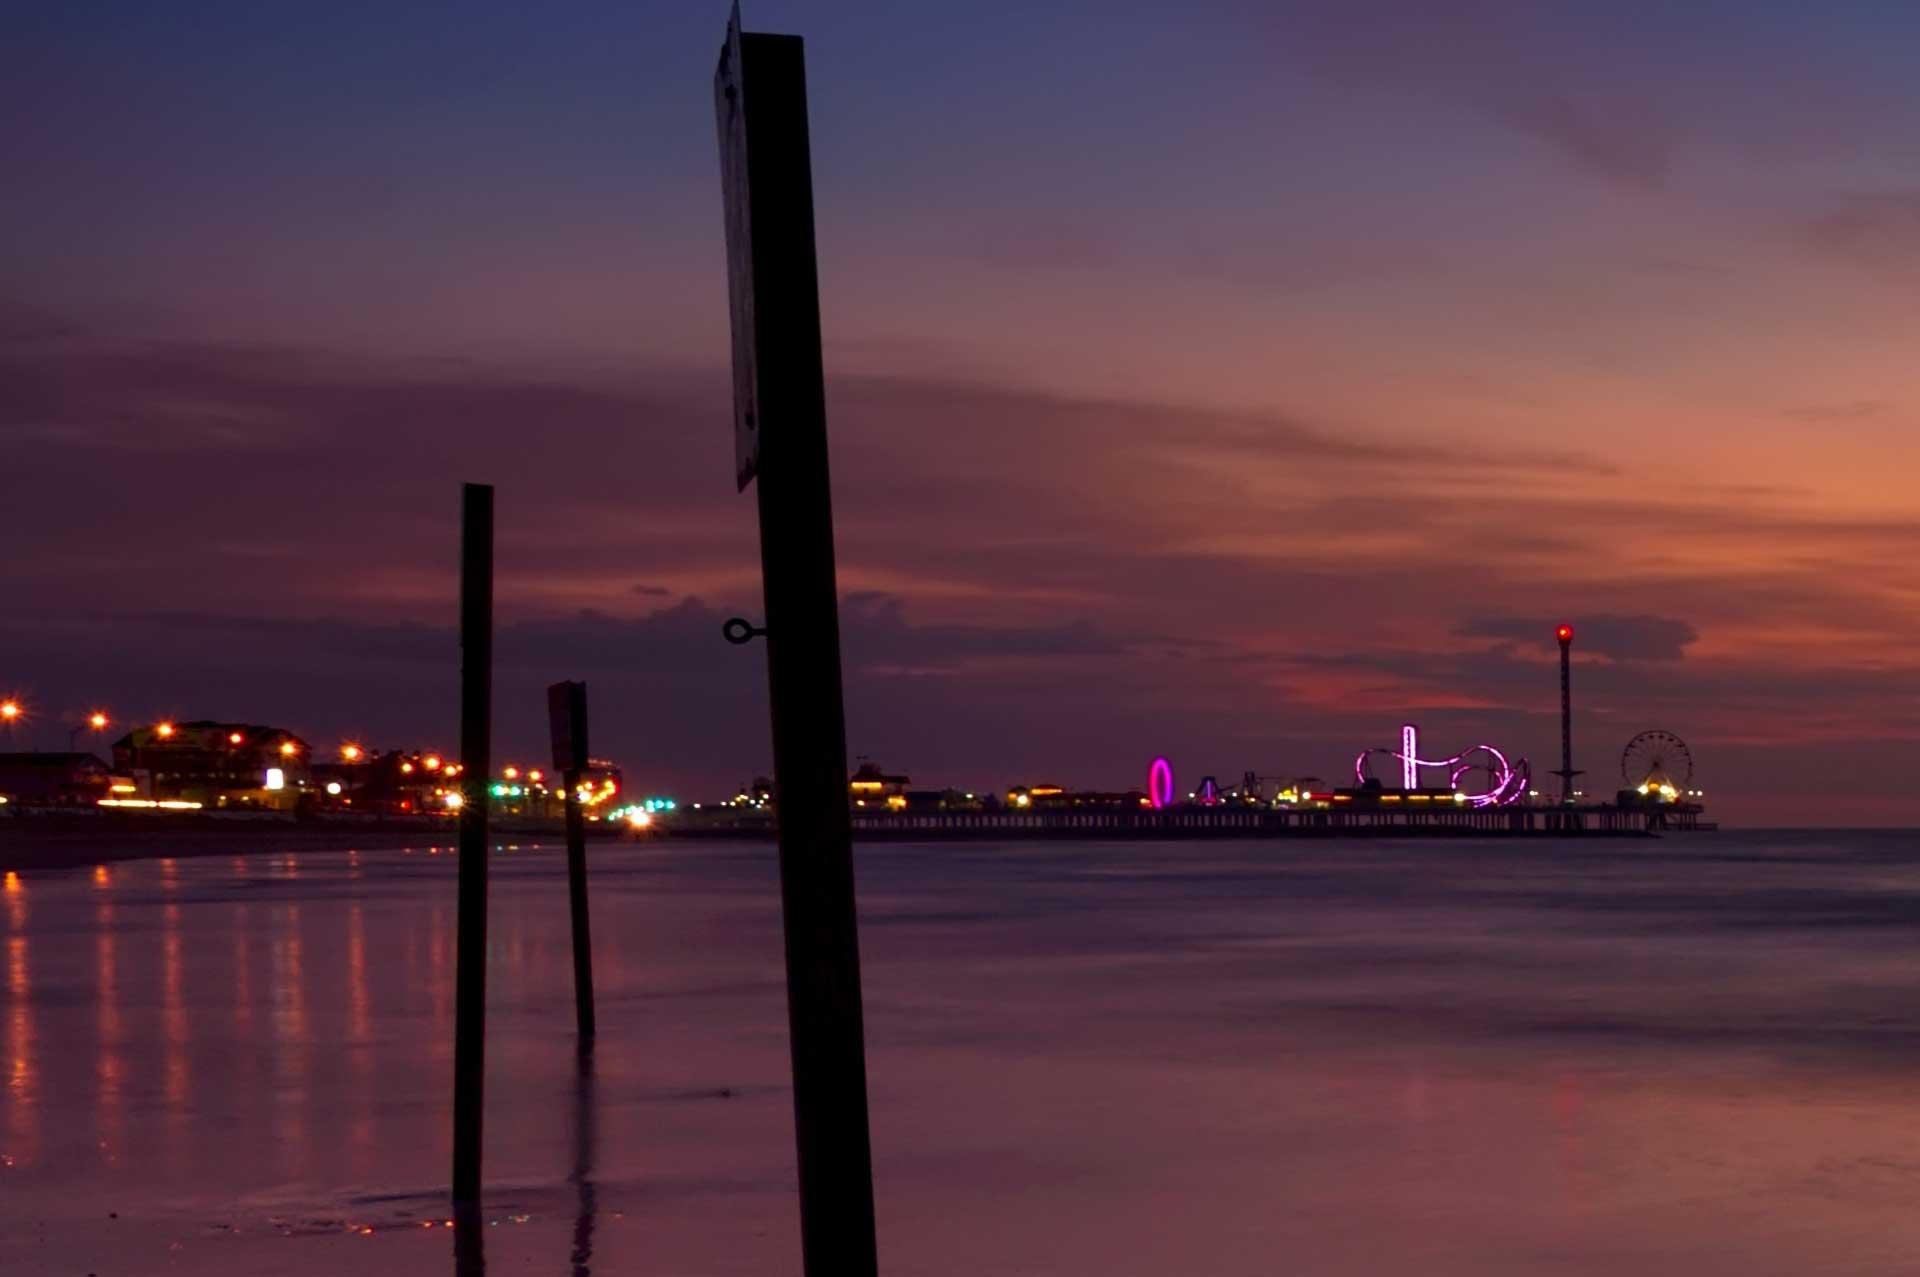 gad_homepg_sunset